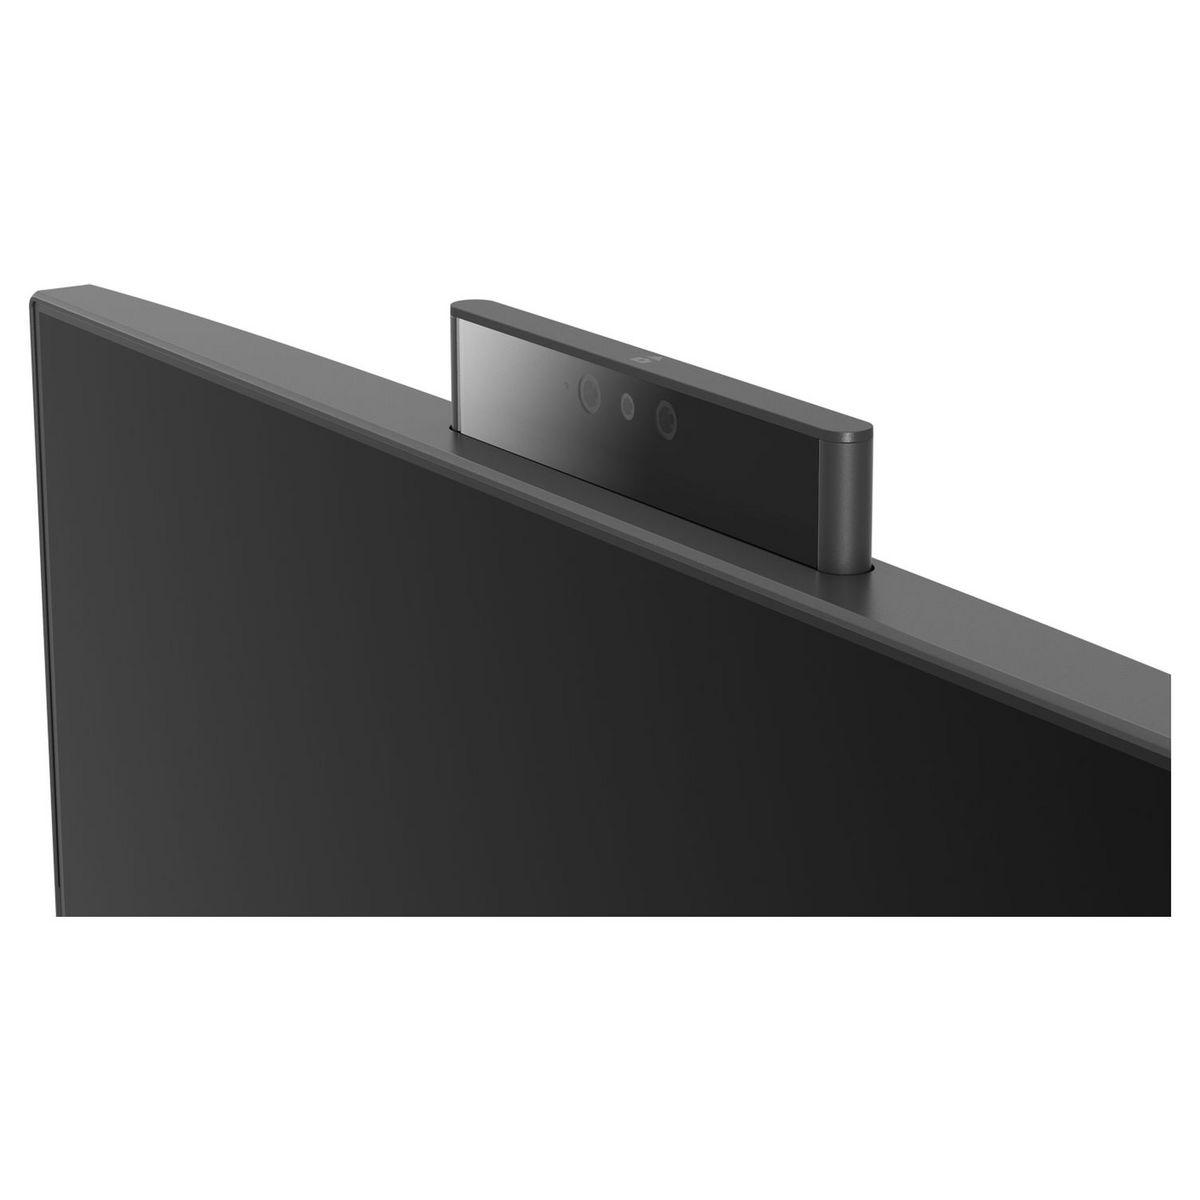 LENOVO Ordinateur TOUT EN UN 520-22AST-A942 - 21.5 pouces Full HD - Noir